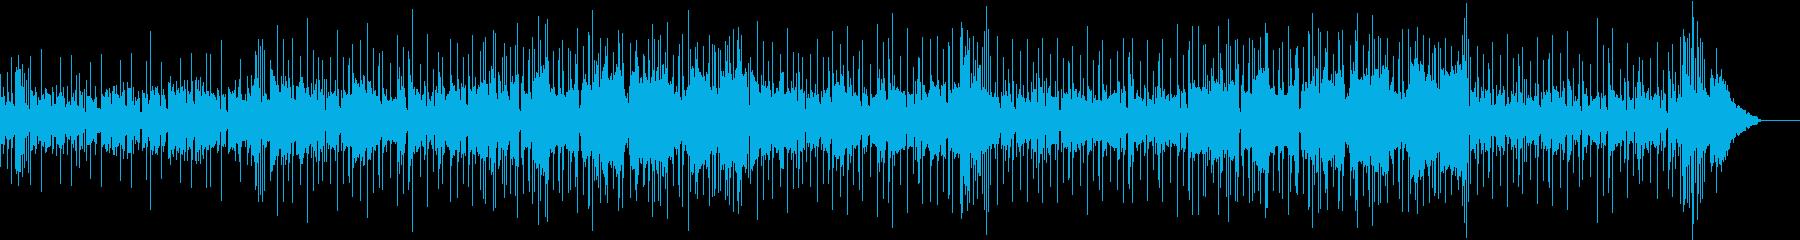 ファンキーなナンバーの再生済みの波形